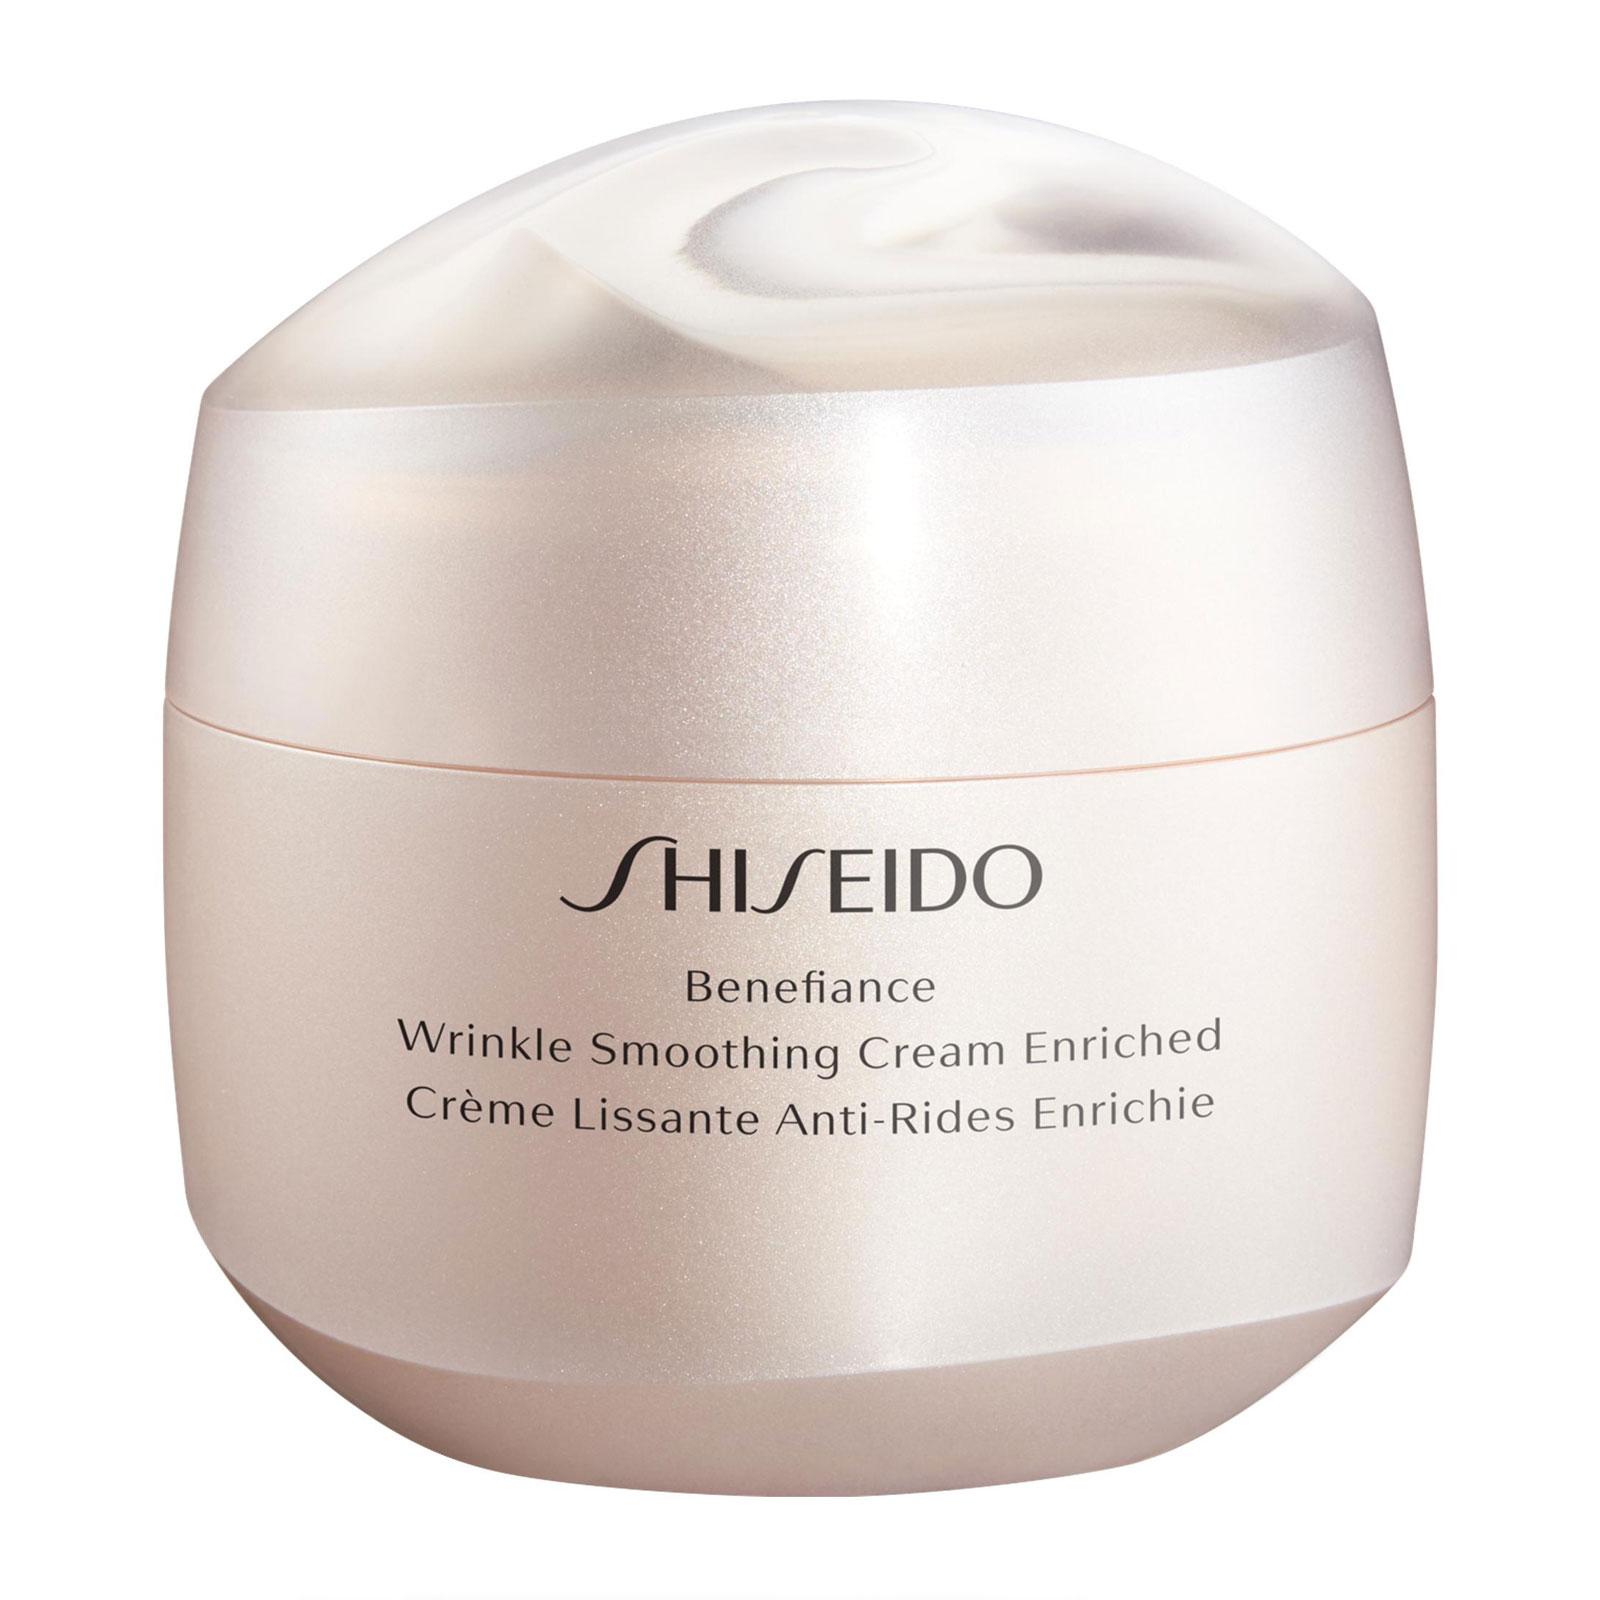 Shiseido 资生堂 盼丽风姿智感抚痕抗皱面霜 75ml (滋润型)